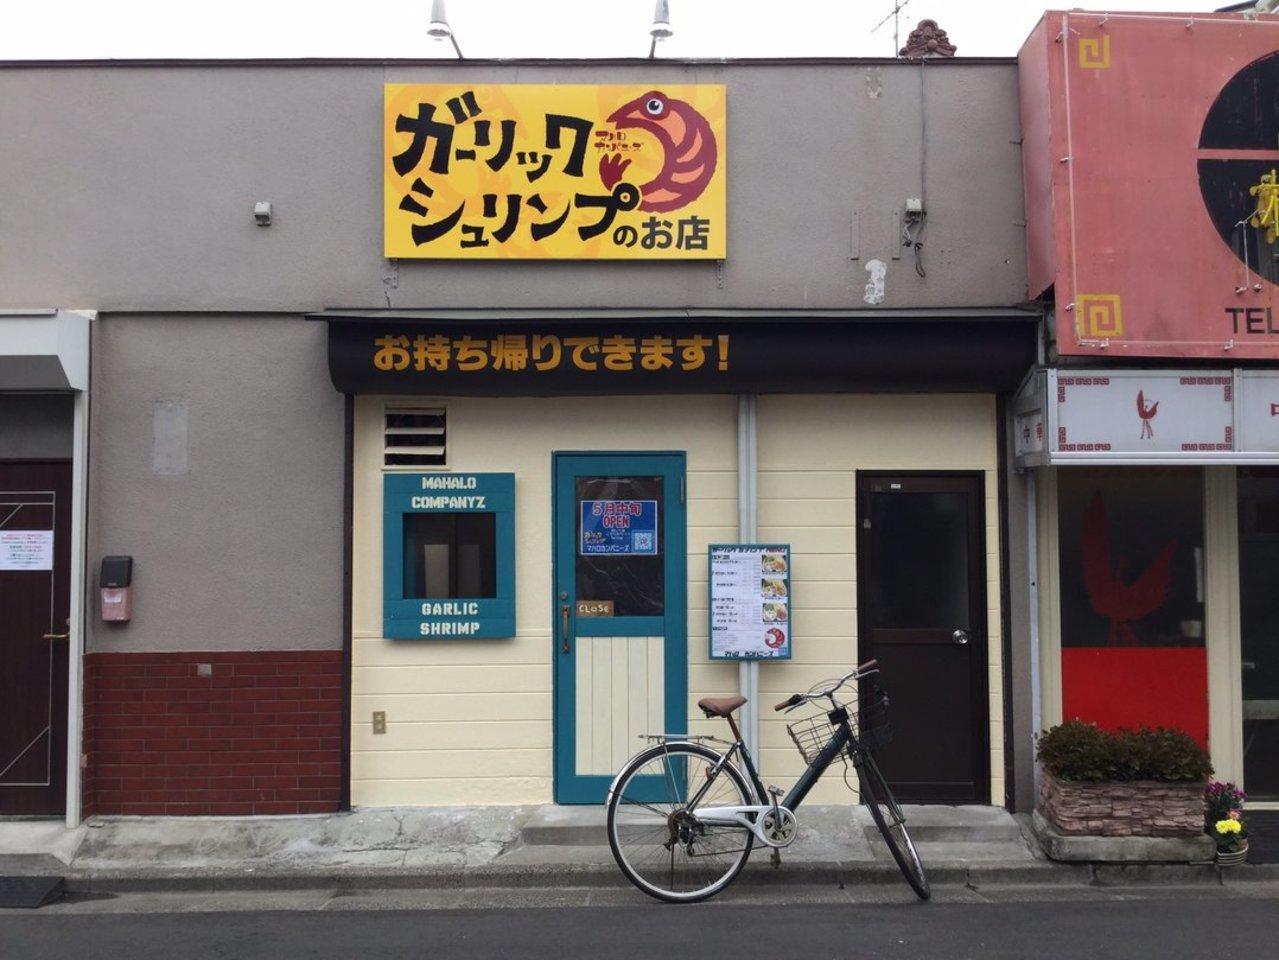 宮城県仙台市宮城野区原町2丁目に「マハロカンパニーズ」が本日オープンされたようです。